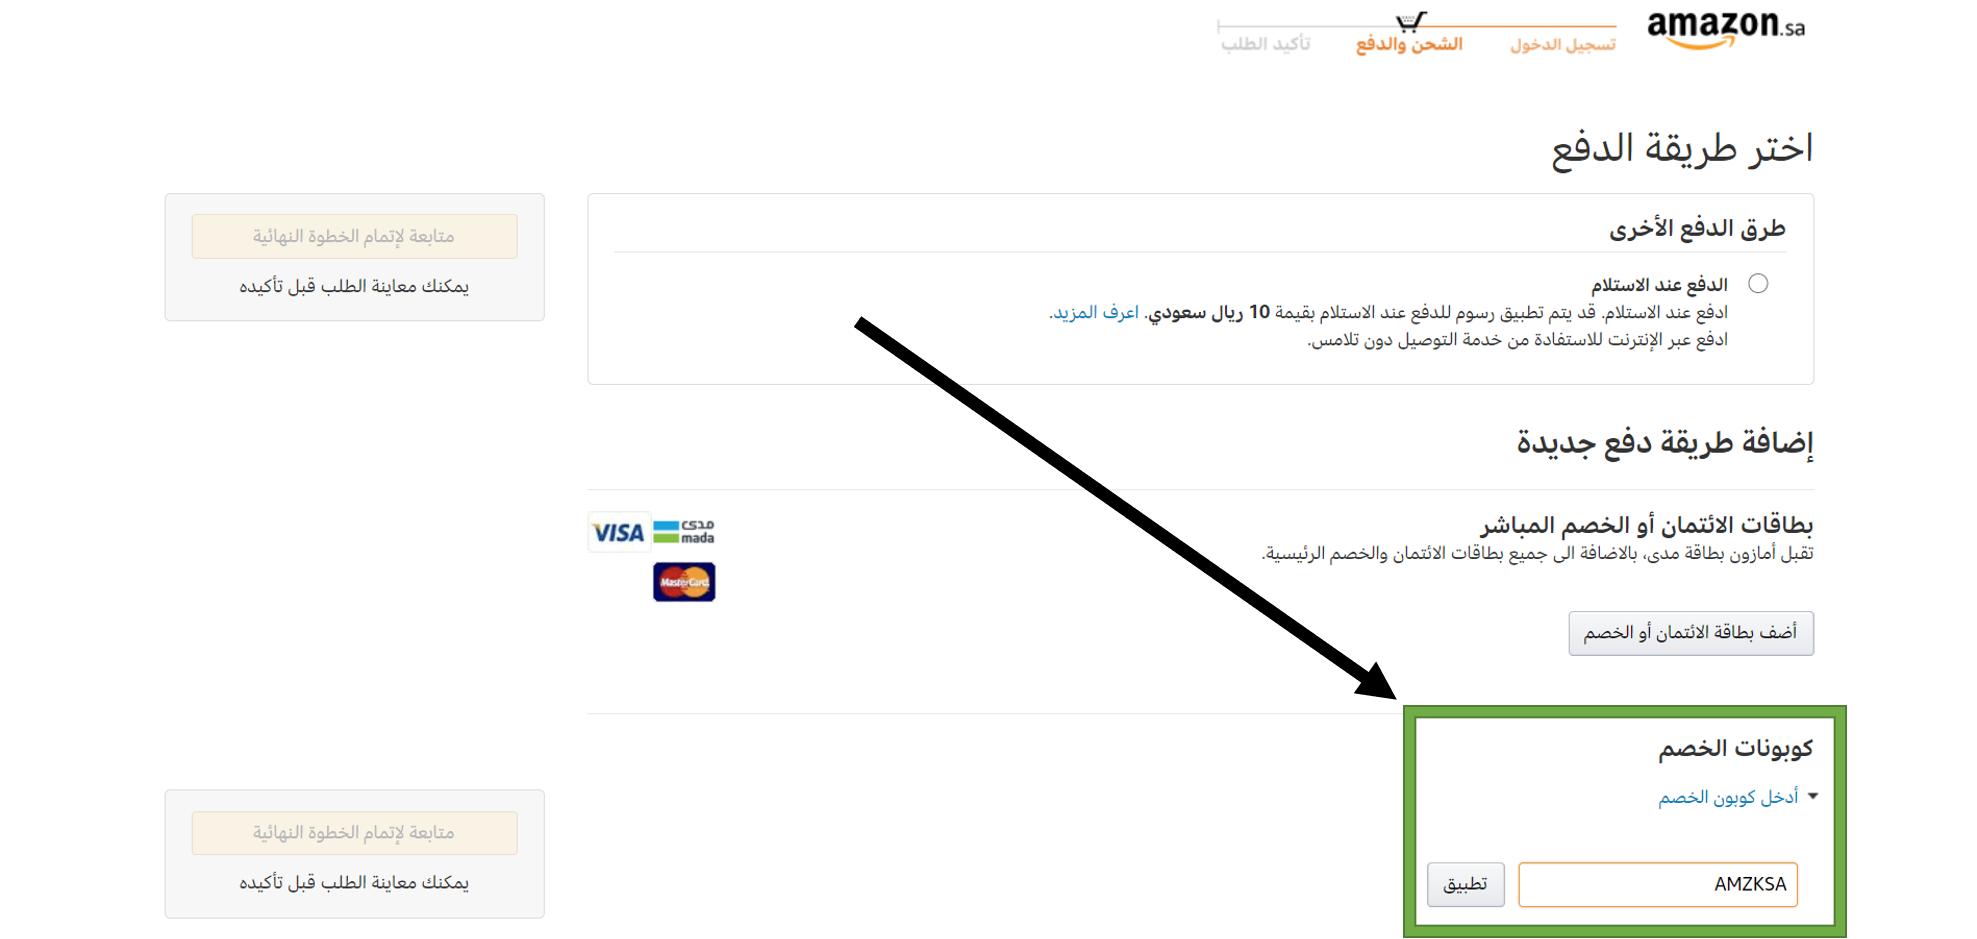 كيف أستخدم كود خصم امازون السعودية من أجل توفير المال عند التسوق أونلاين من Amazon.com؟ | كيف أستخدم كود خصم امازون أو كوبون خصم امازون أو كود خصم امازون السعودية أو كوبون خصم امازون السعودية ضمن كوبونات خصم امازون عبر الموفر من أجل توفير المال عند التسوق عبر الإنترنت جميع المنتجات من شتى الفئات من موقع امازون Amazon أو أمازون السعودية Amazon.sa أو متجر امازون الامارات Amazon.ae ؟